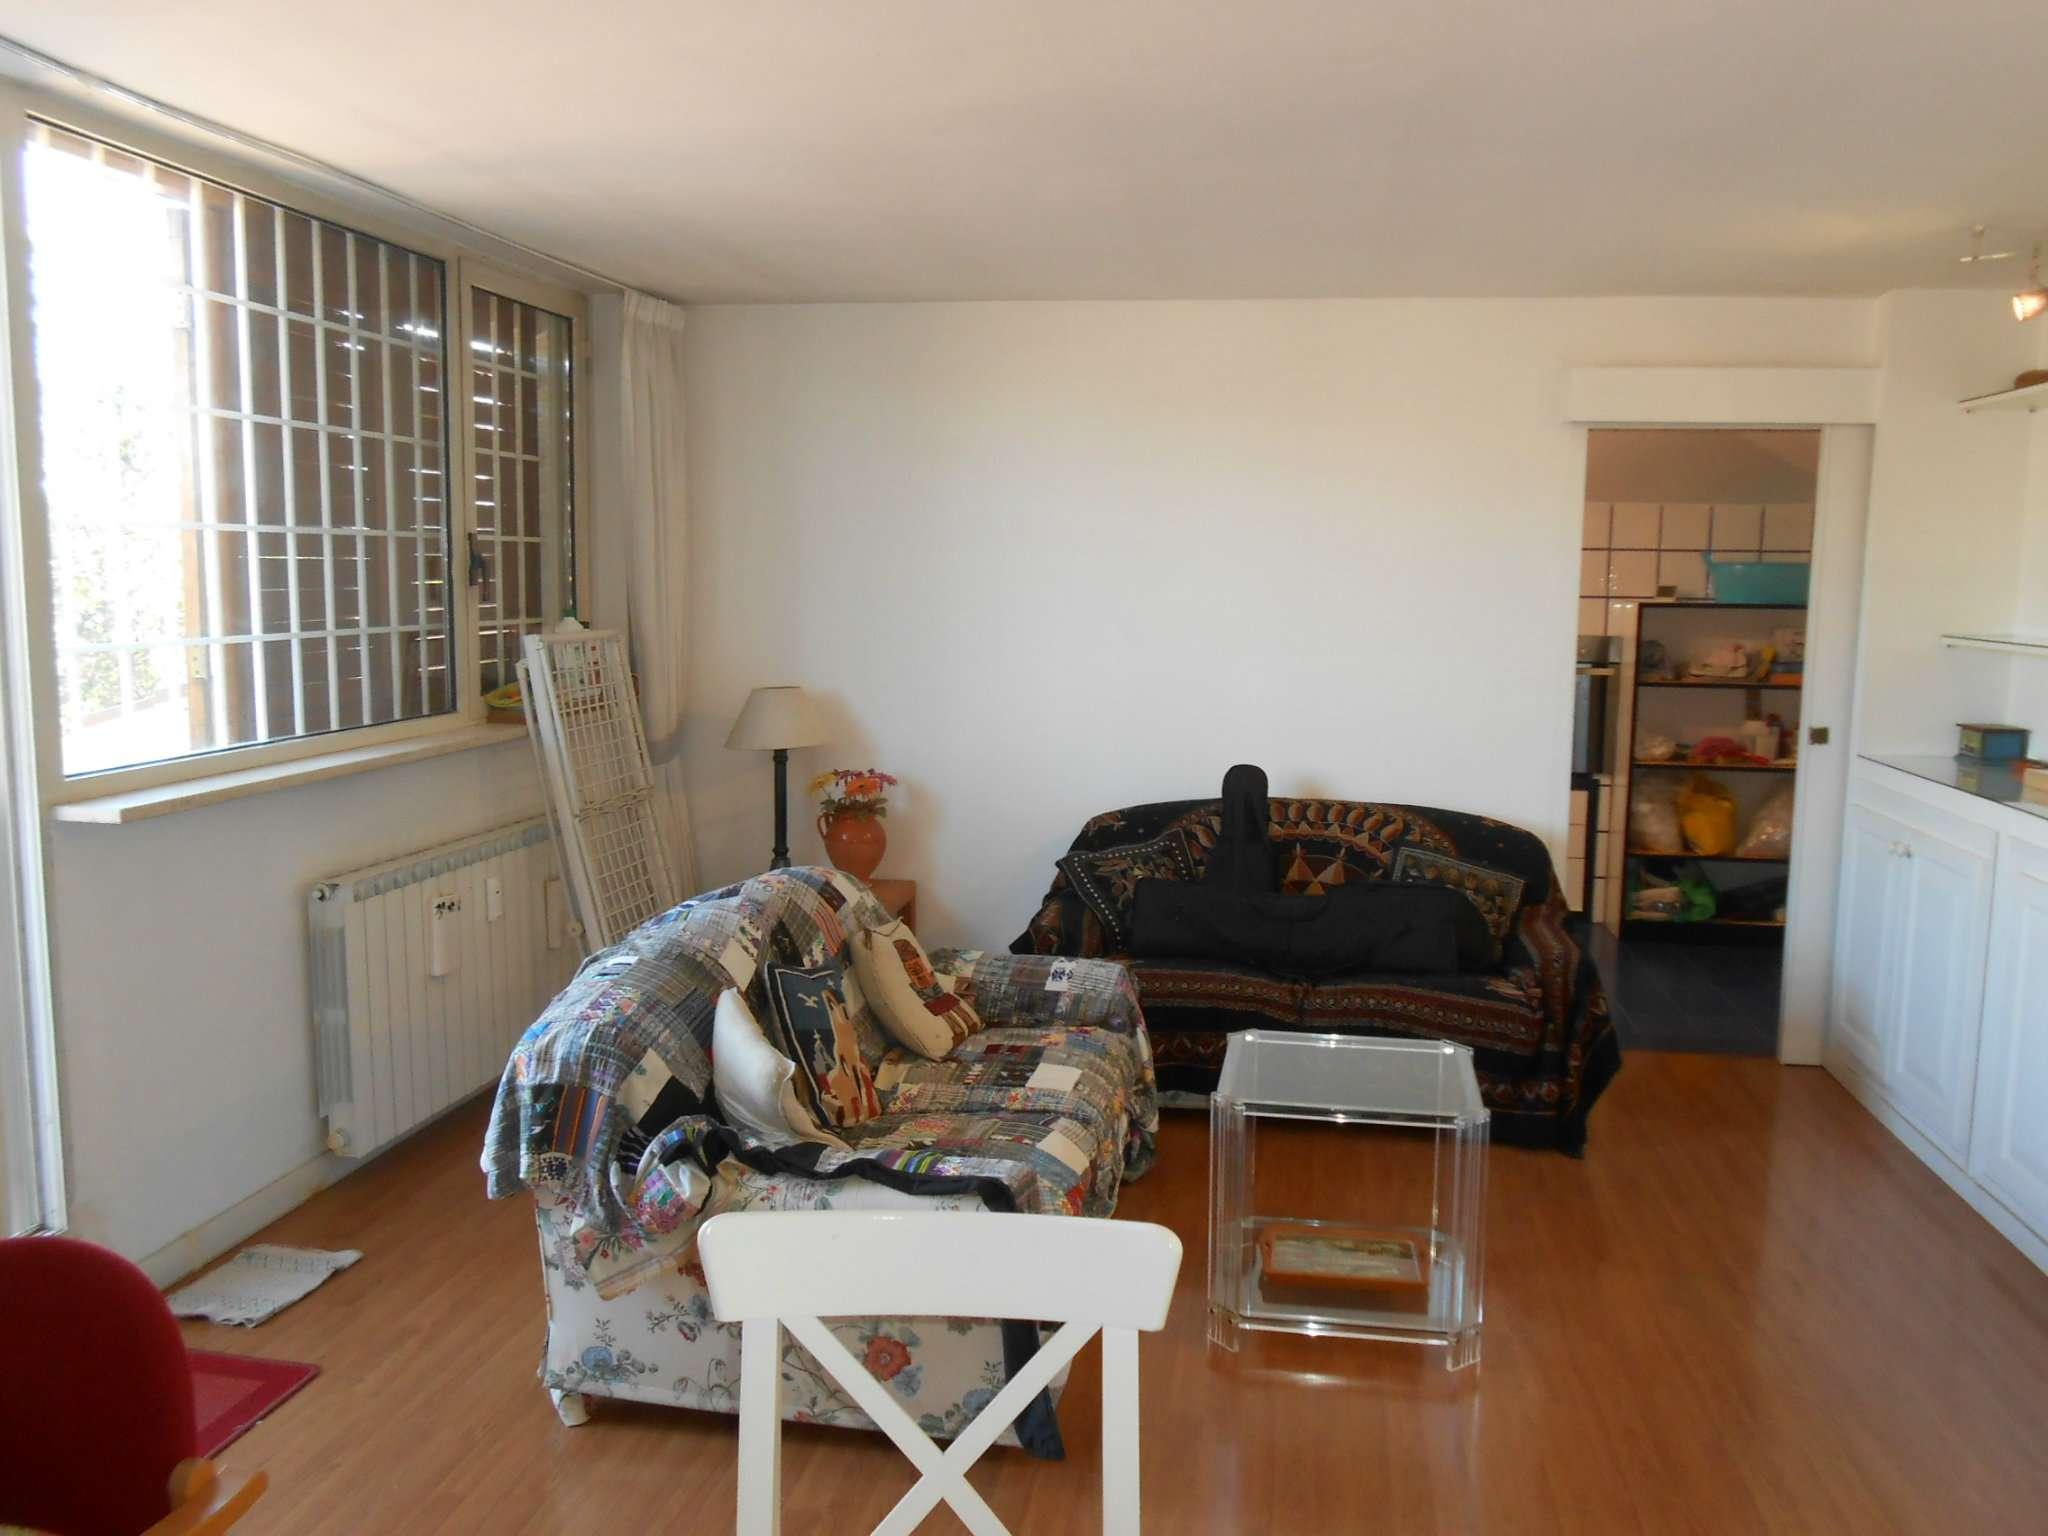 Appartamenti bilocali in affitto a roma Appartamenti arredati in affitto a roma